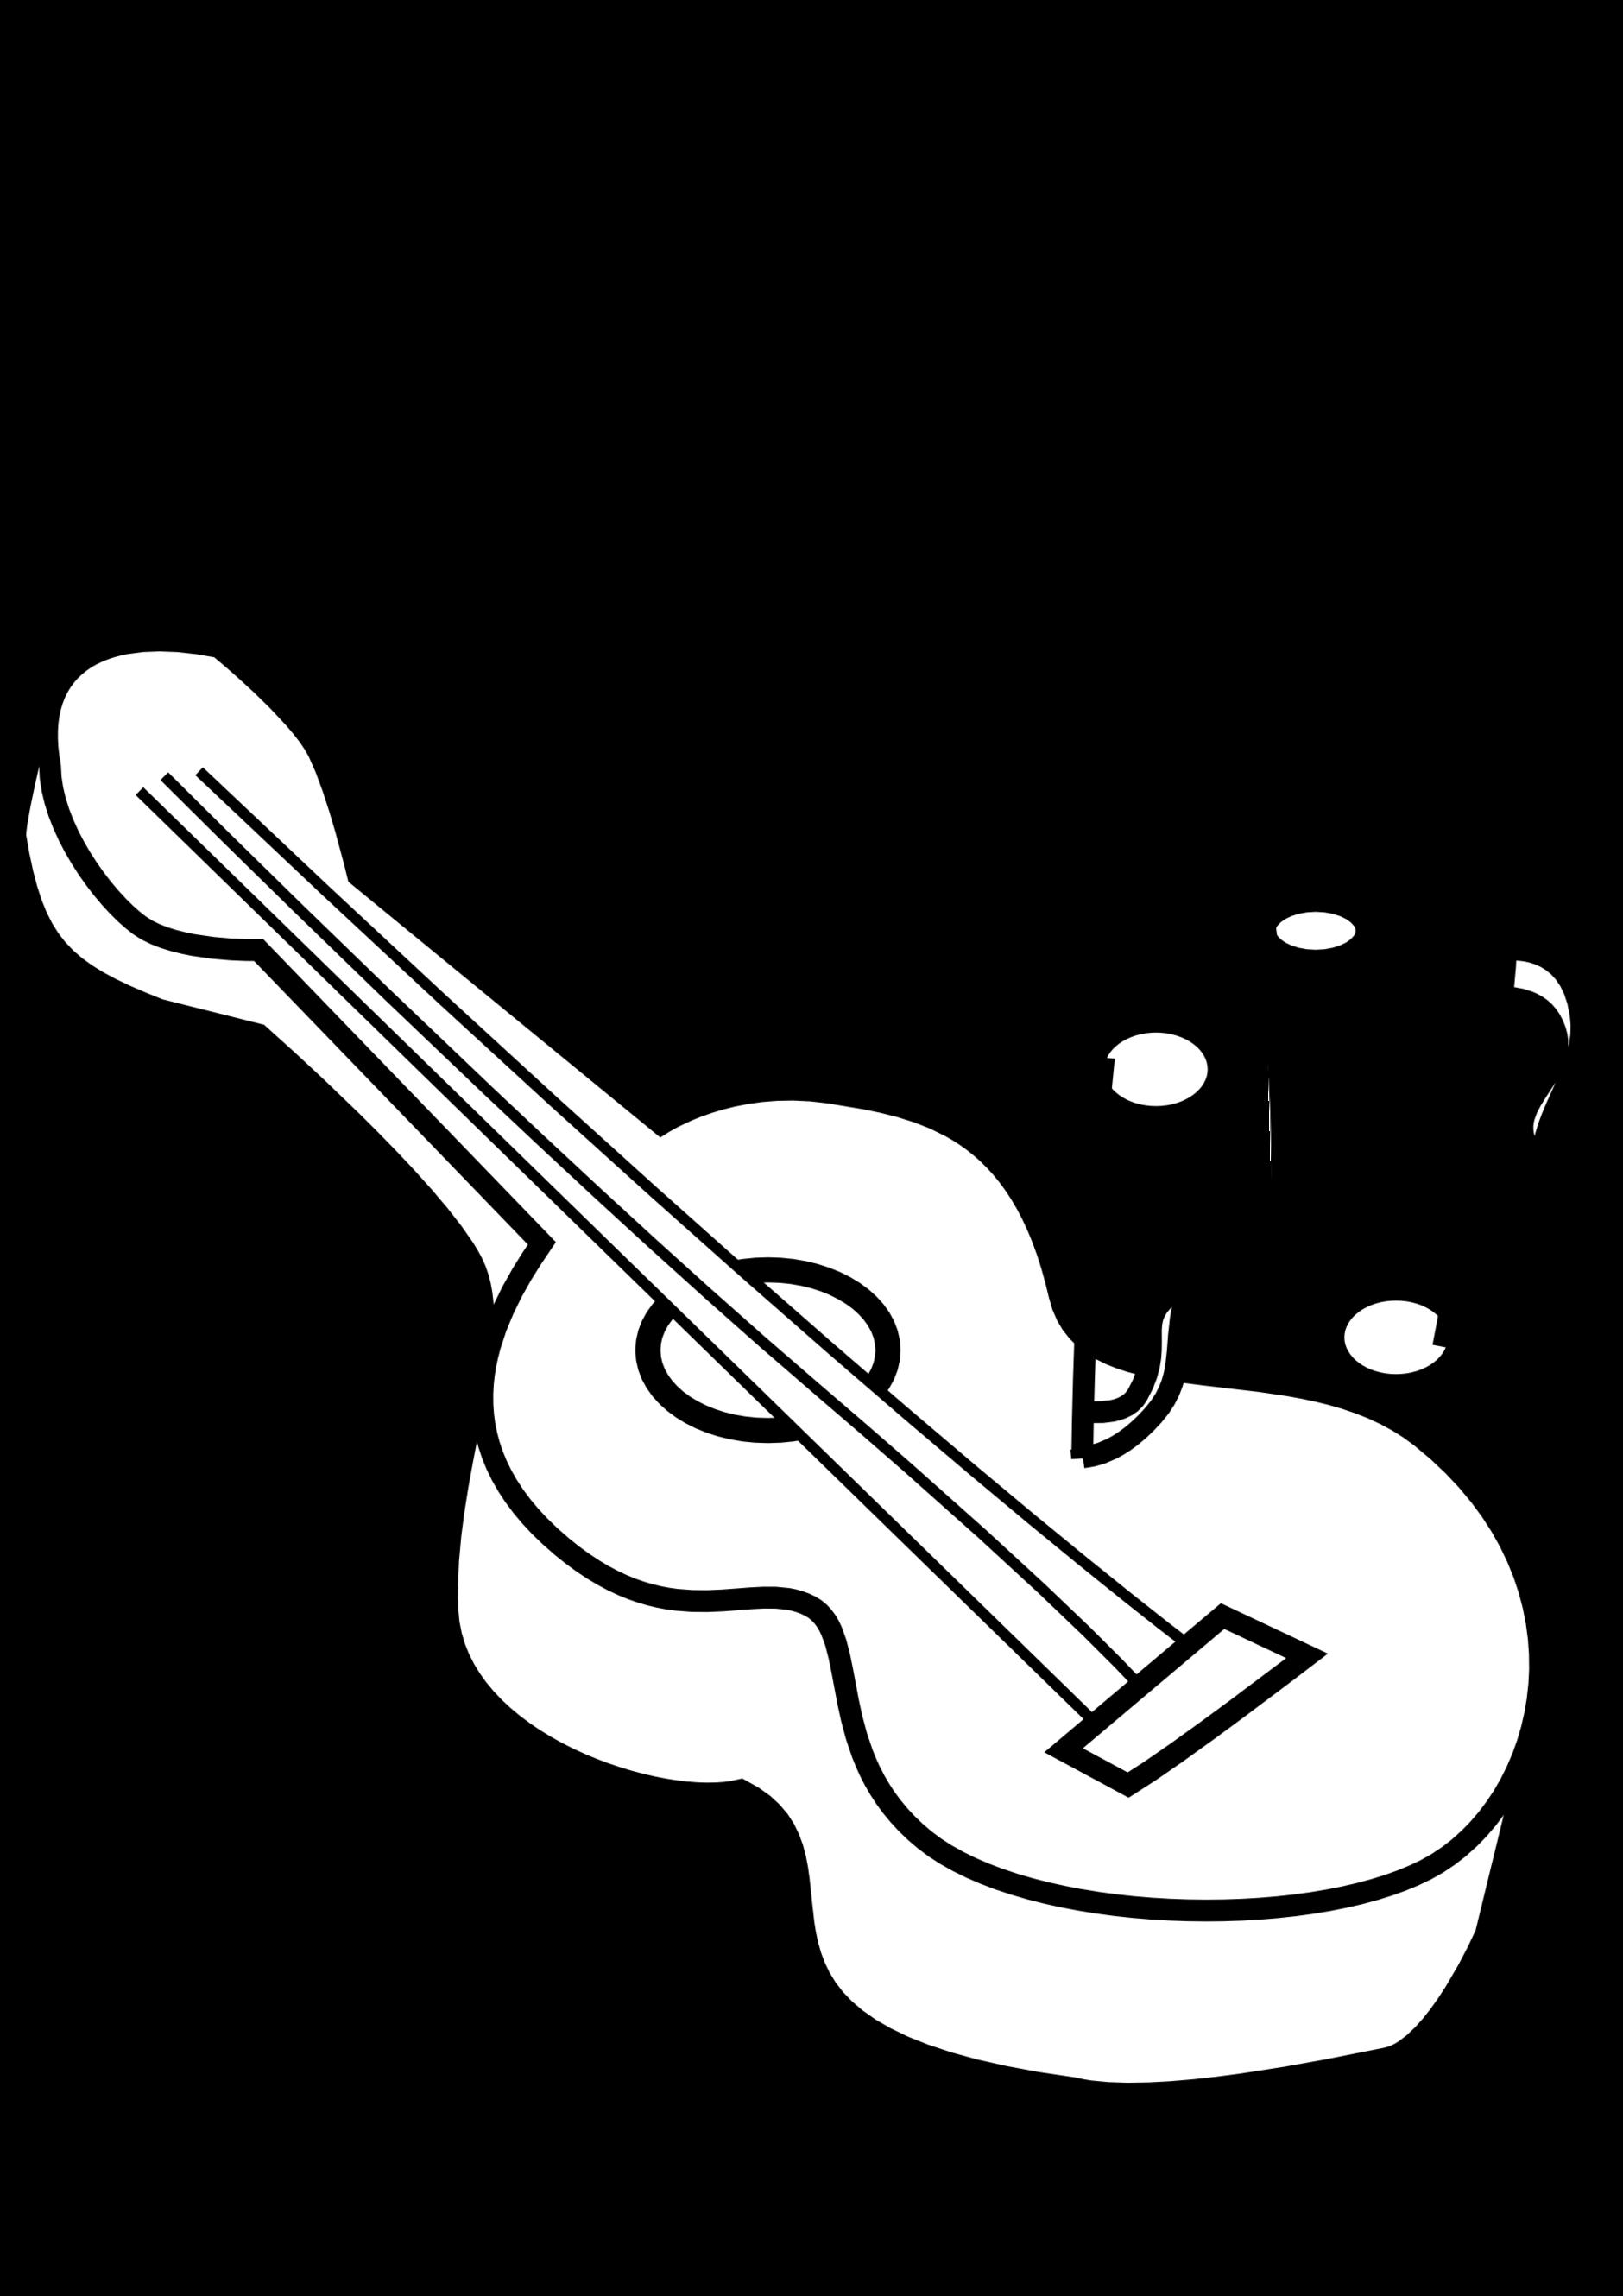 Clipart guitar country guitar, Clipart guitar country guitar.